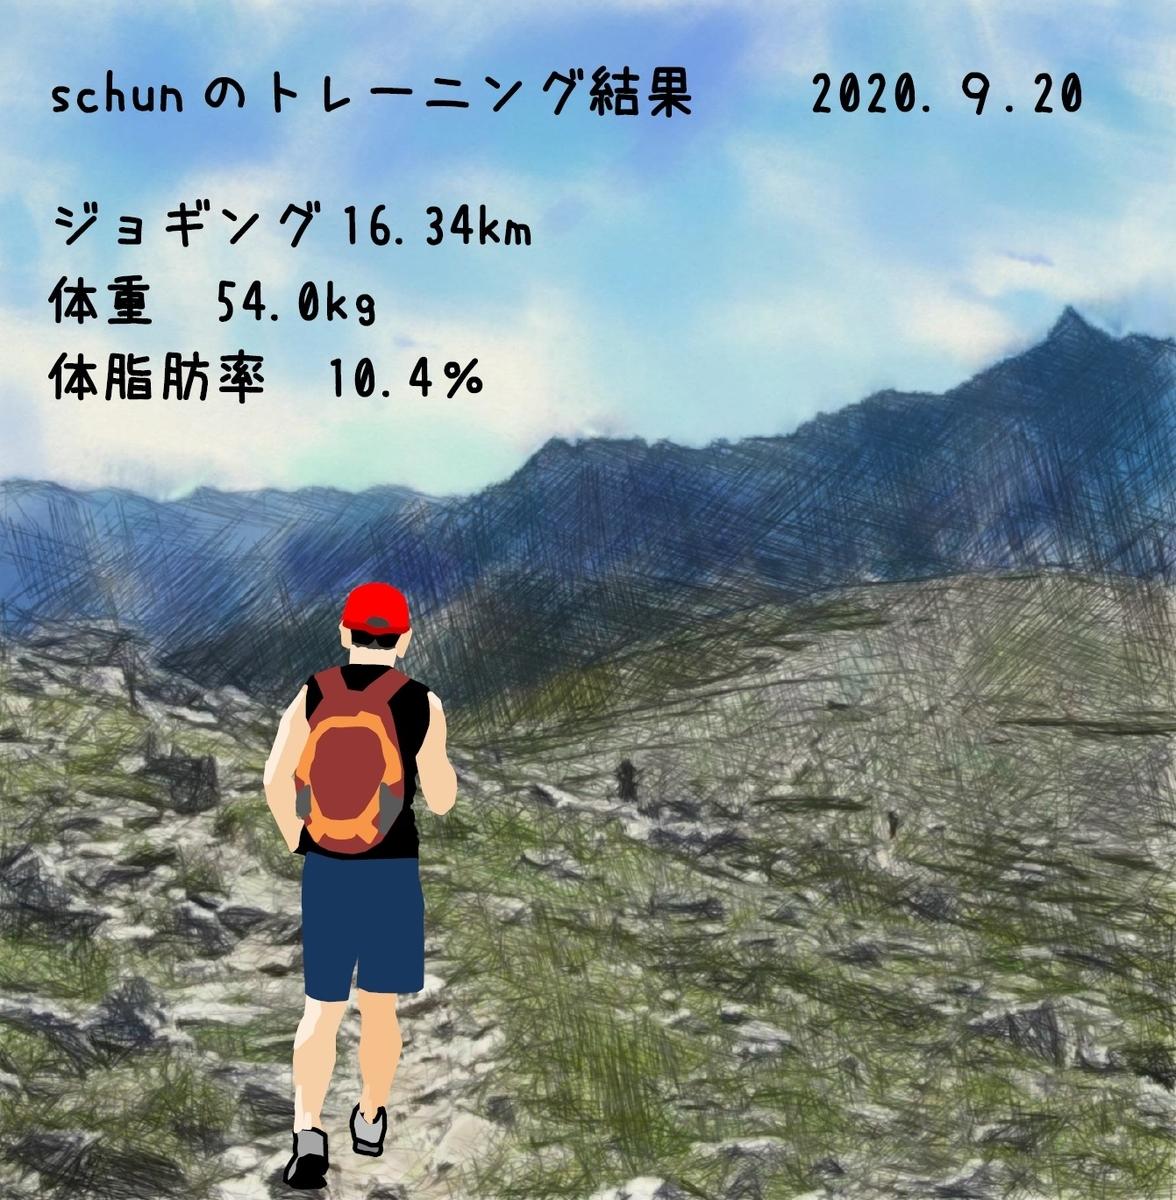 f:id:schunchi2007:20200920183035j:plain